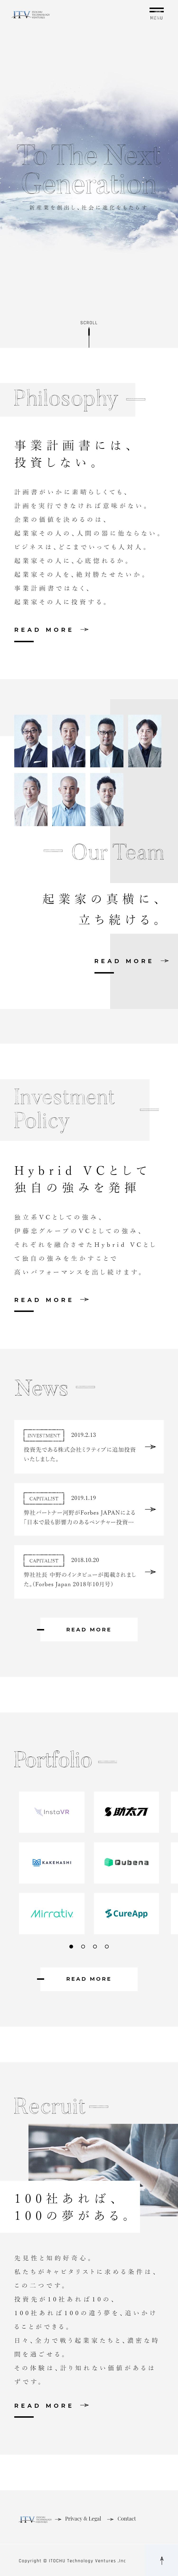 ITV 伊藤忠テクノロジーベンチャーズ株式会社